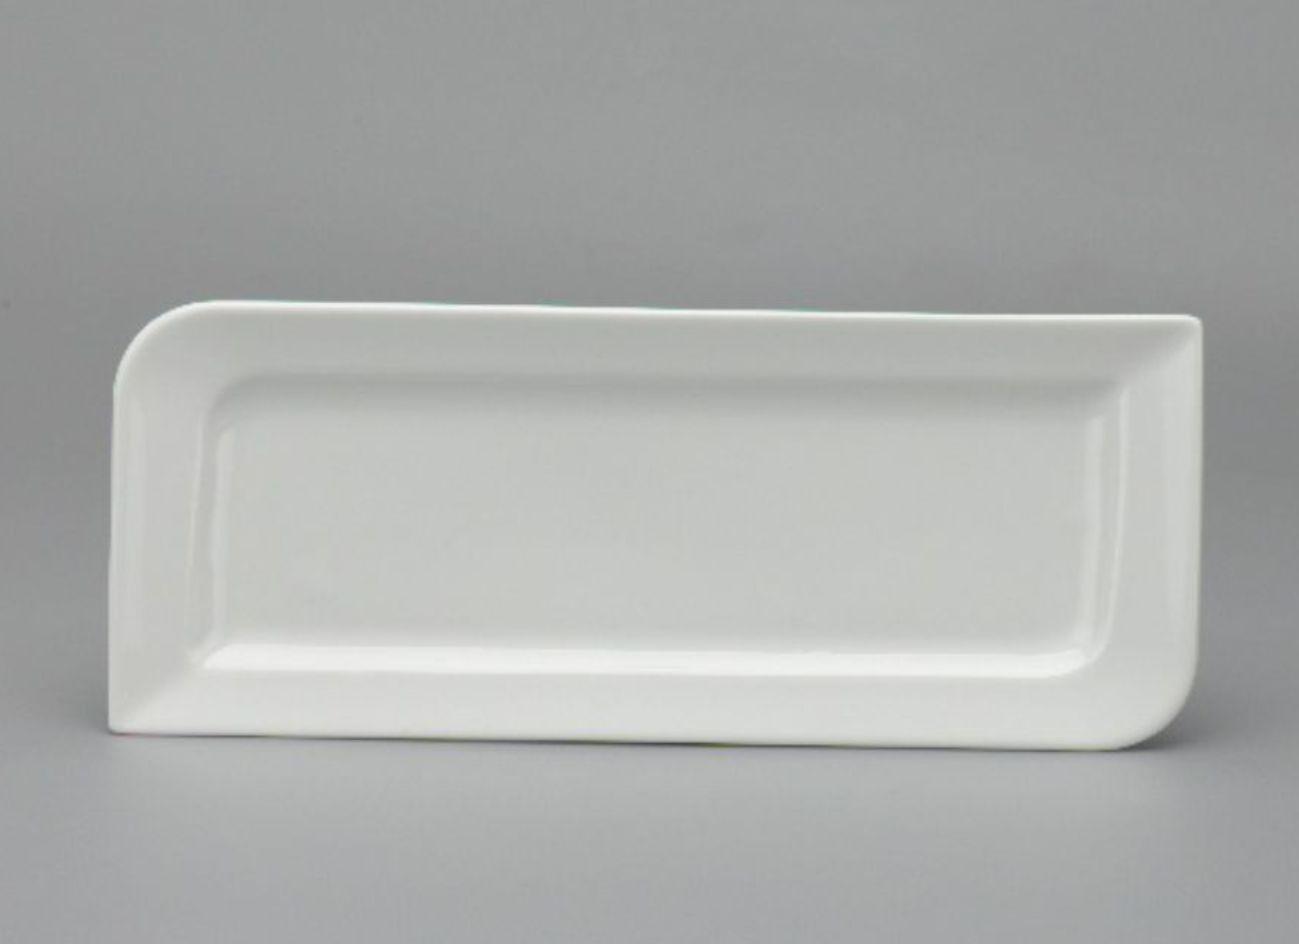 Dĩa chữ nhật dài 39 x 15cm Anh Vũ Lys Trắng Ngà 433918000